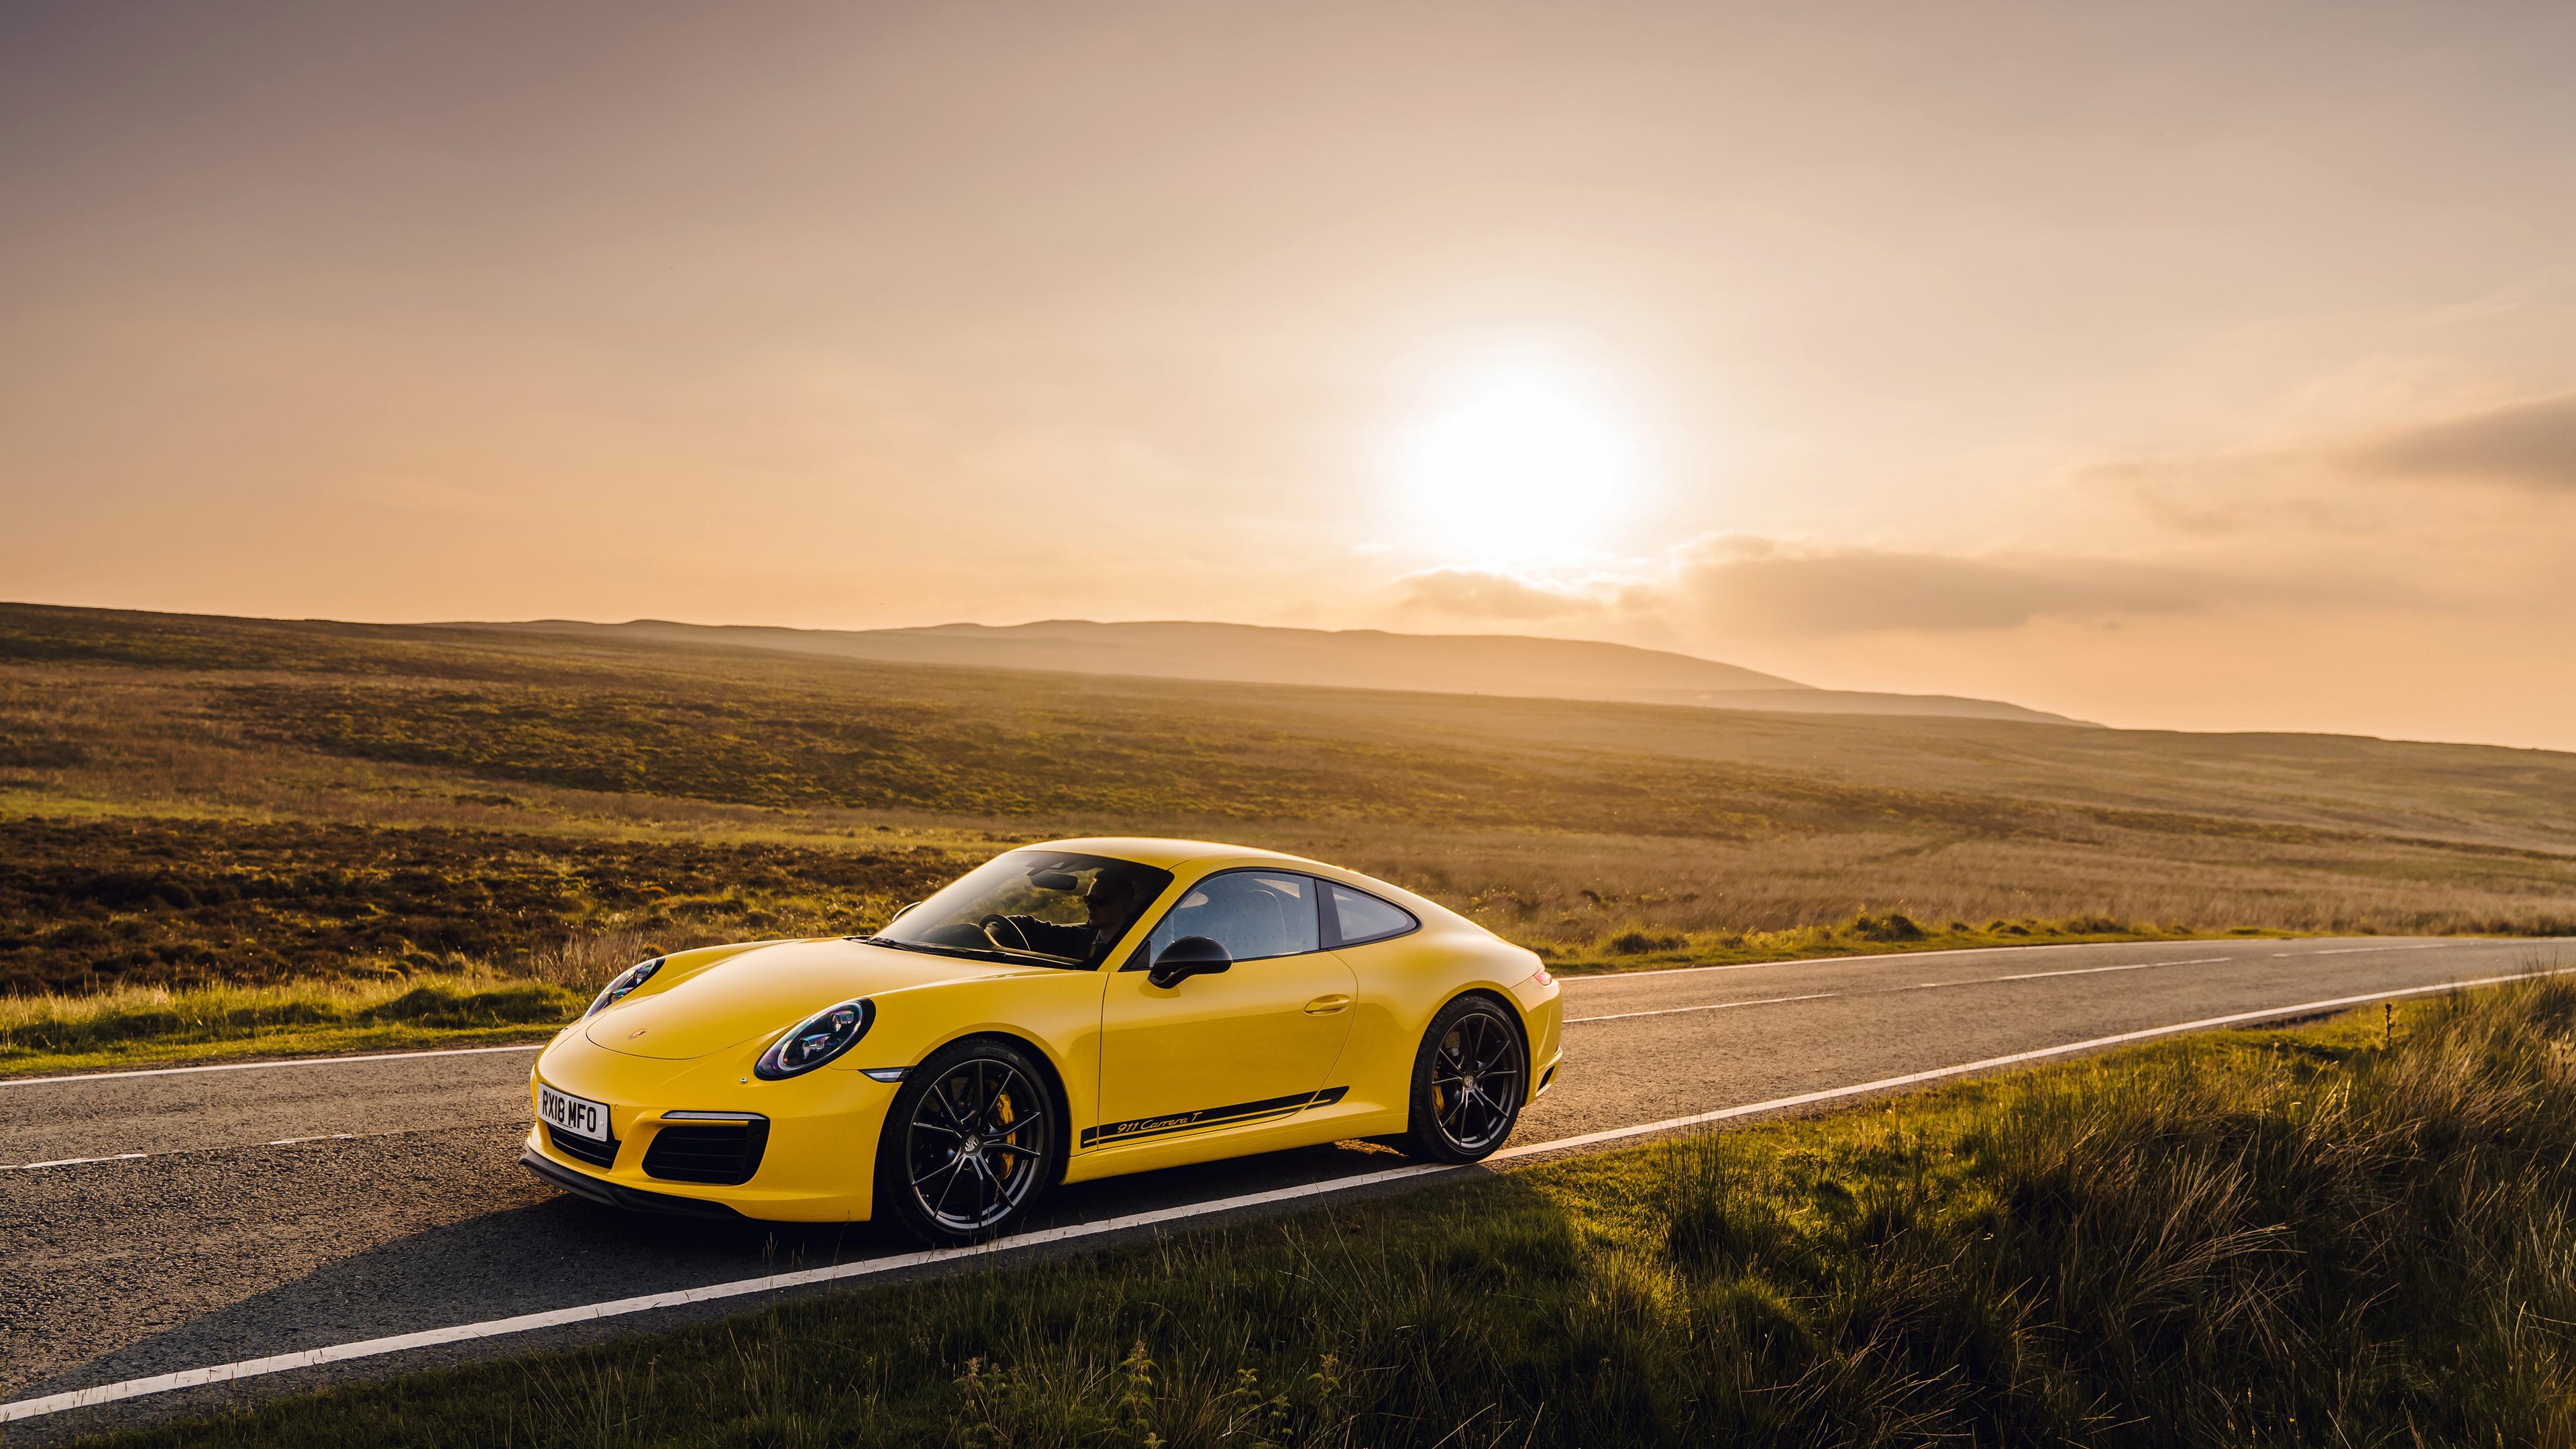 2018 porsche 911 carrera t coupe 1539113173 - 2018 Porsche 911 Carrera T Coupe - porsche wallpapers, porsche 911 wallpapers, hd-wallpapers, hd wallpapers2018 cars wallpapers, cars wallpapers, 4k-wallpapers